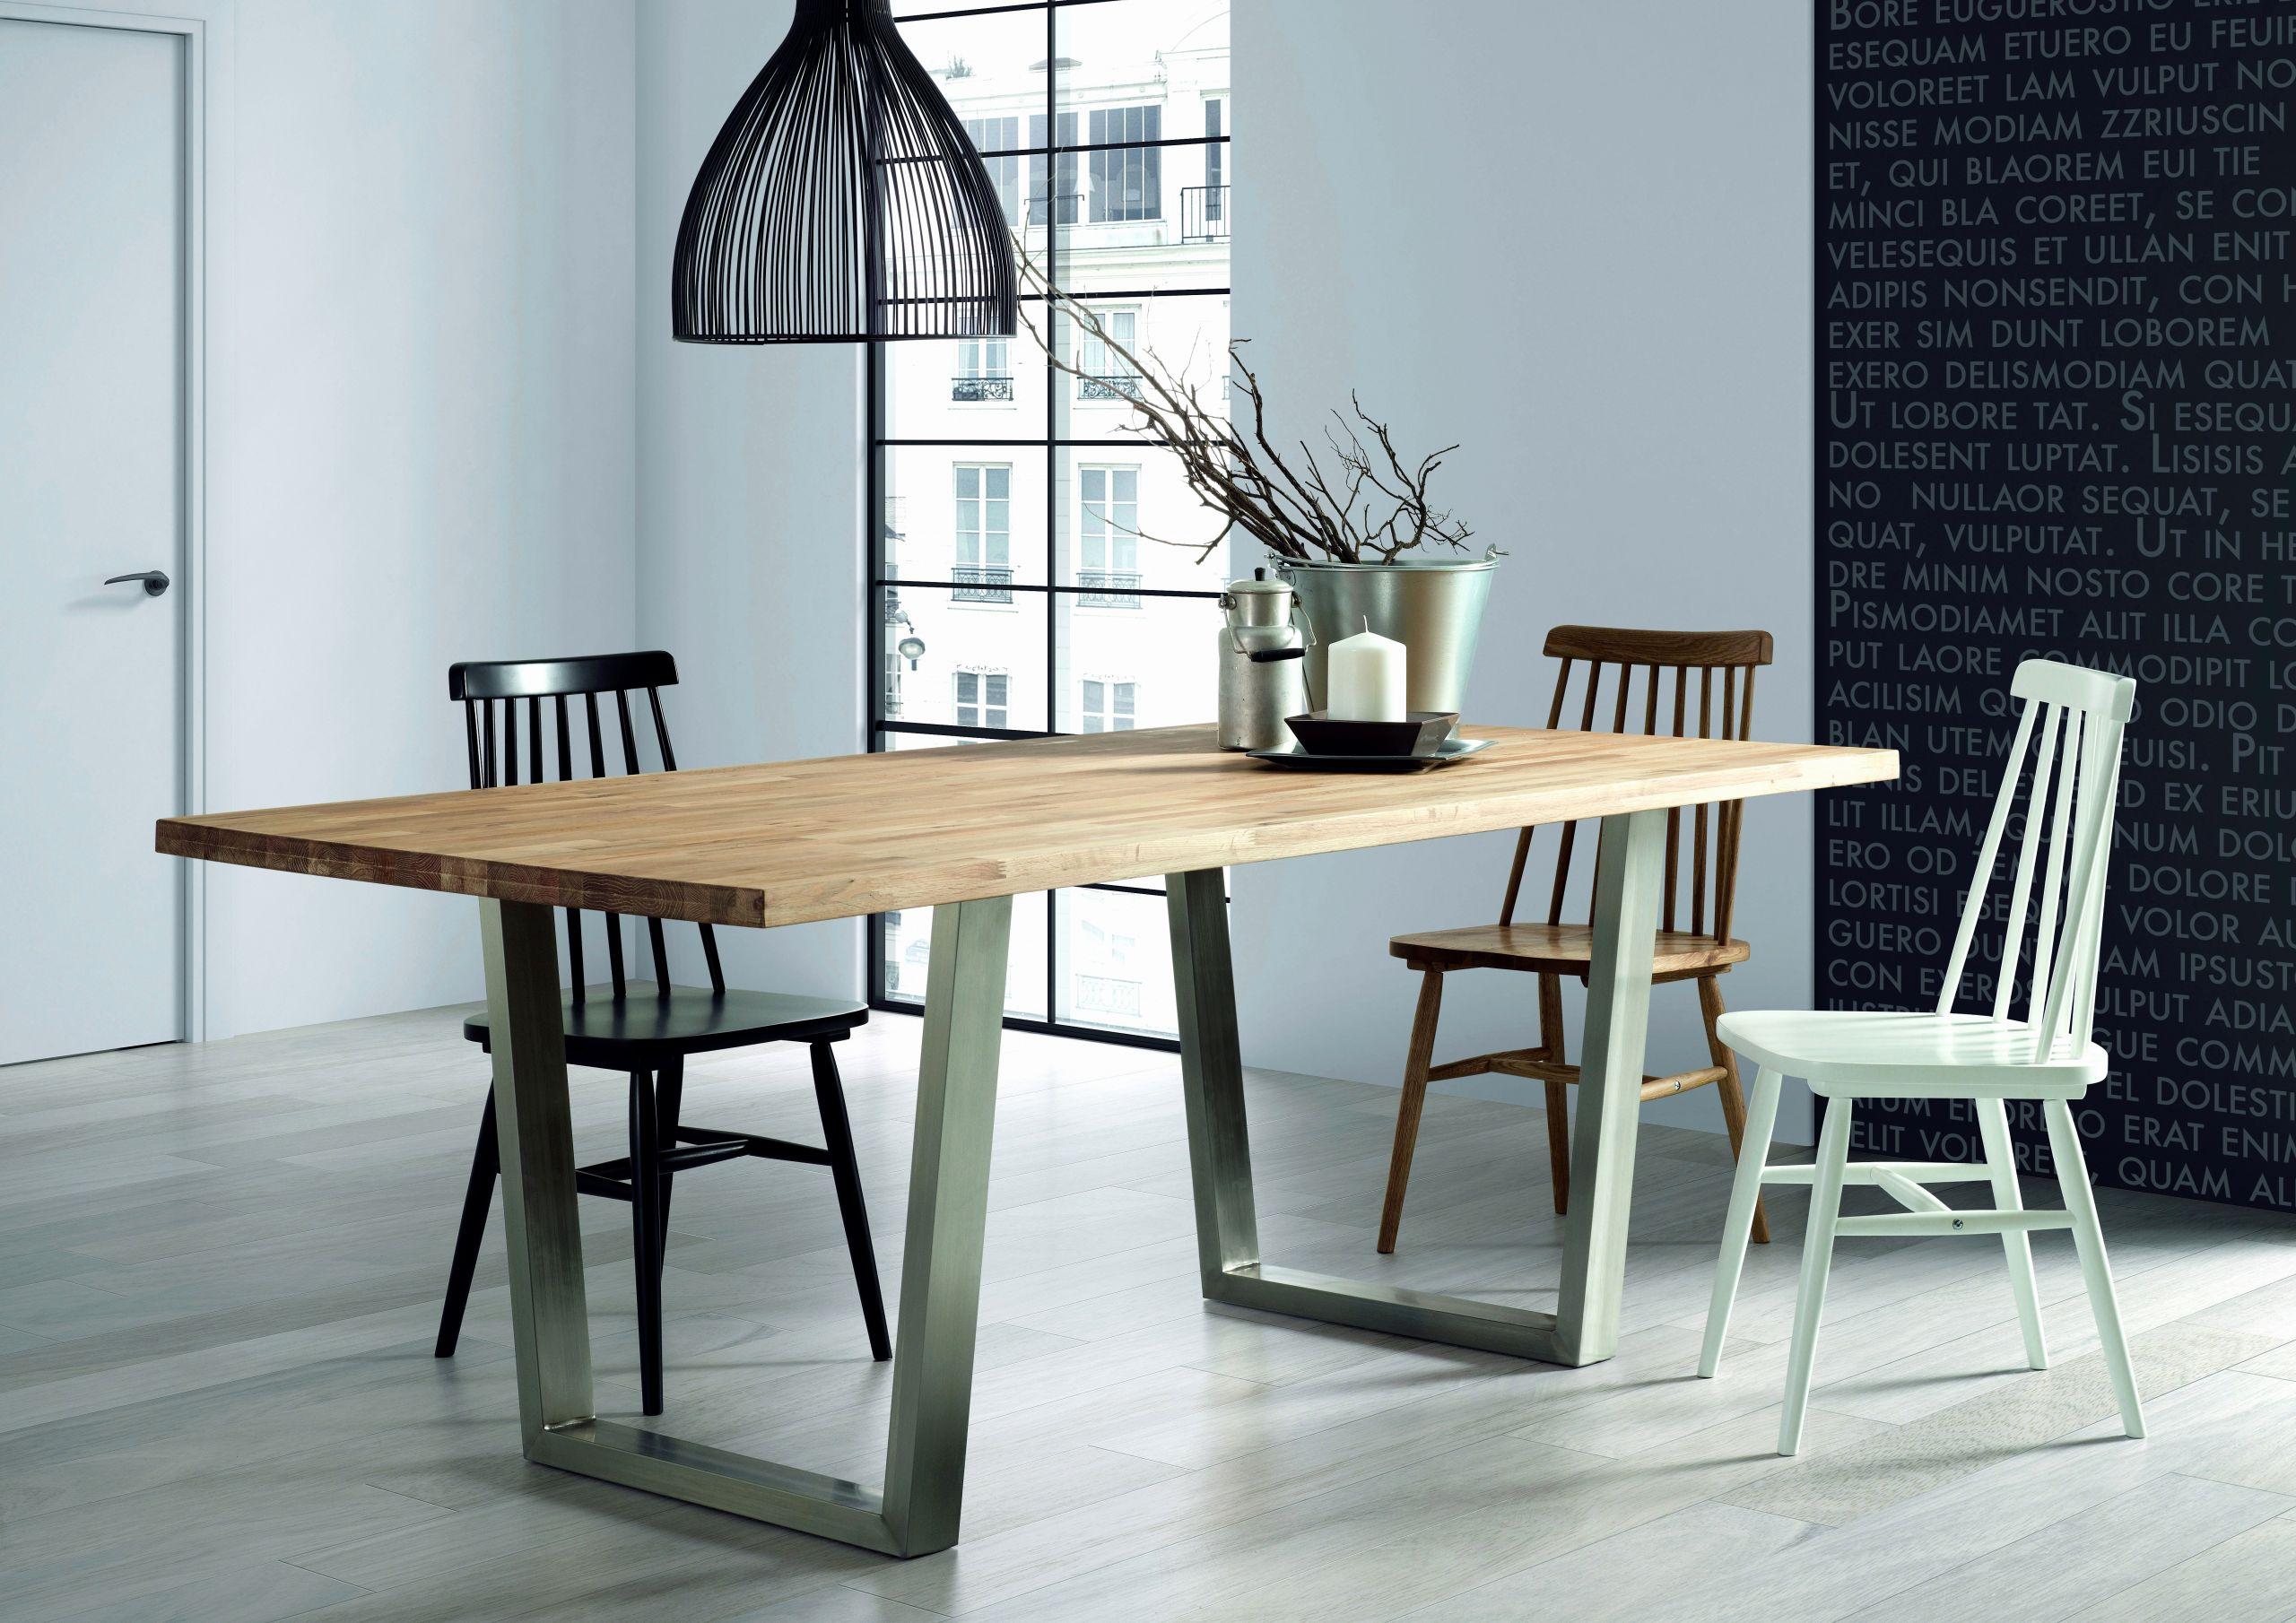 fauteuil de bureau conforama beau chaise en bois best interessant osier fauteuil de bureau conforama beau chaise en bois best table avec chaises of